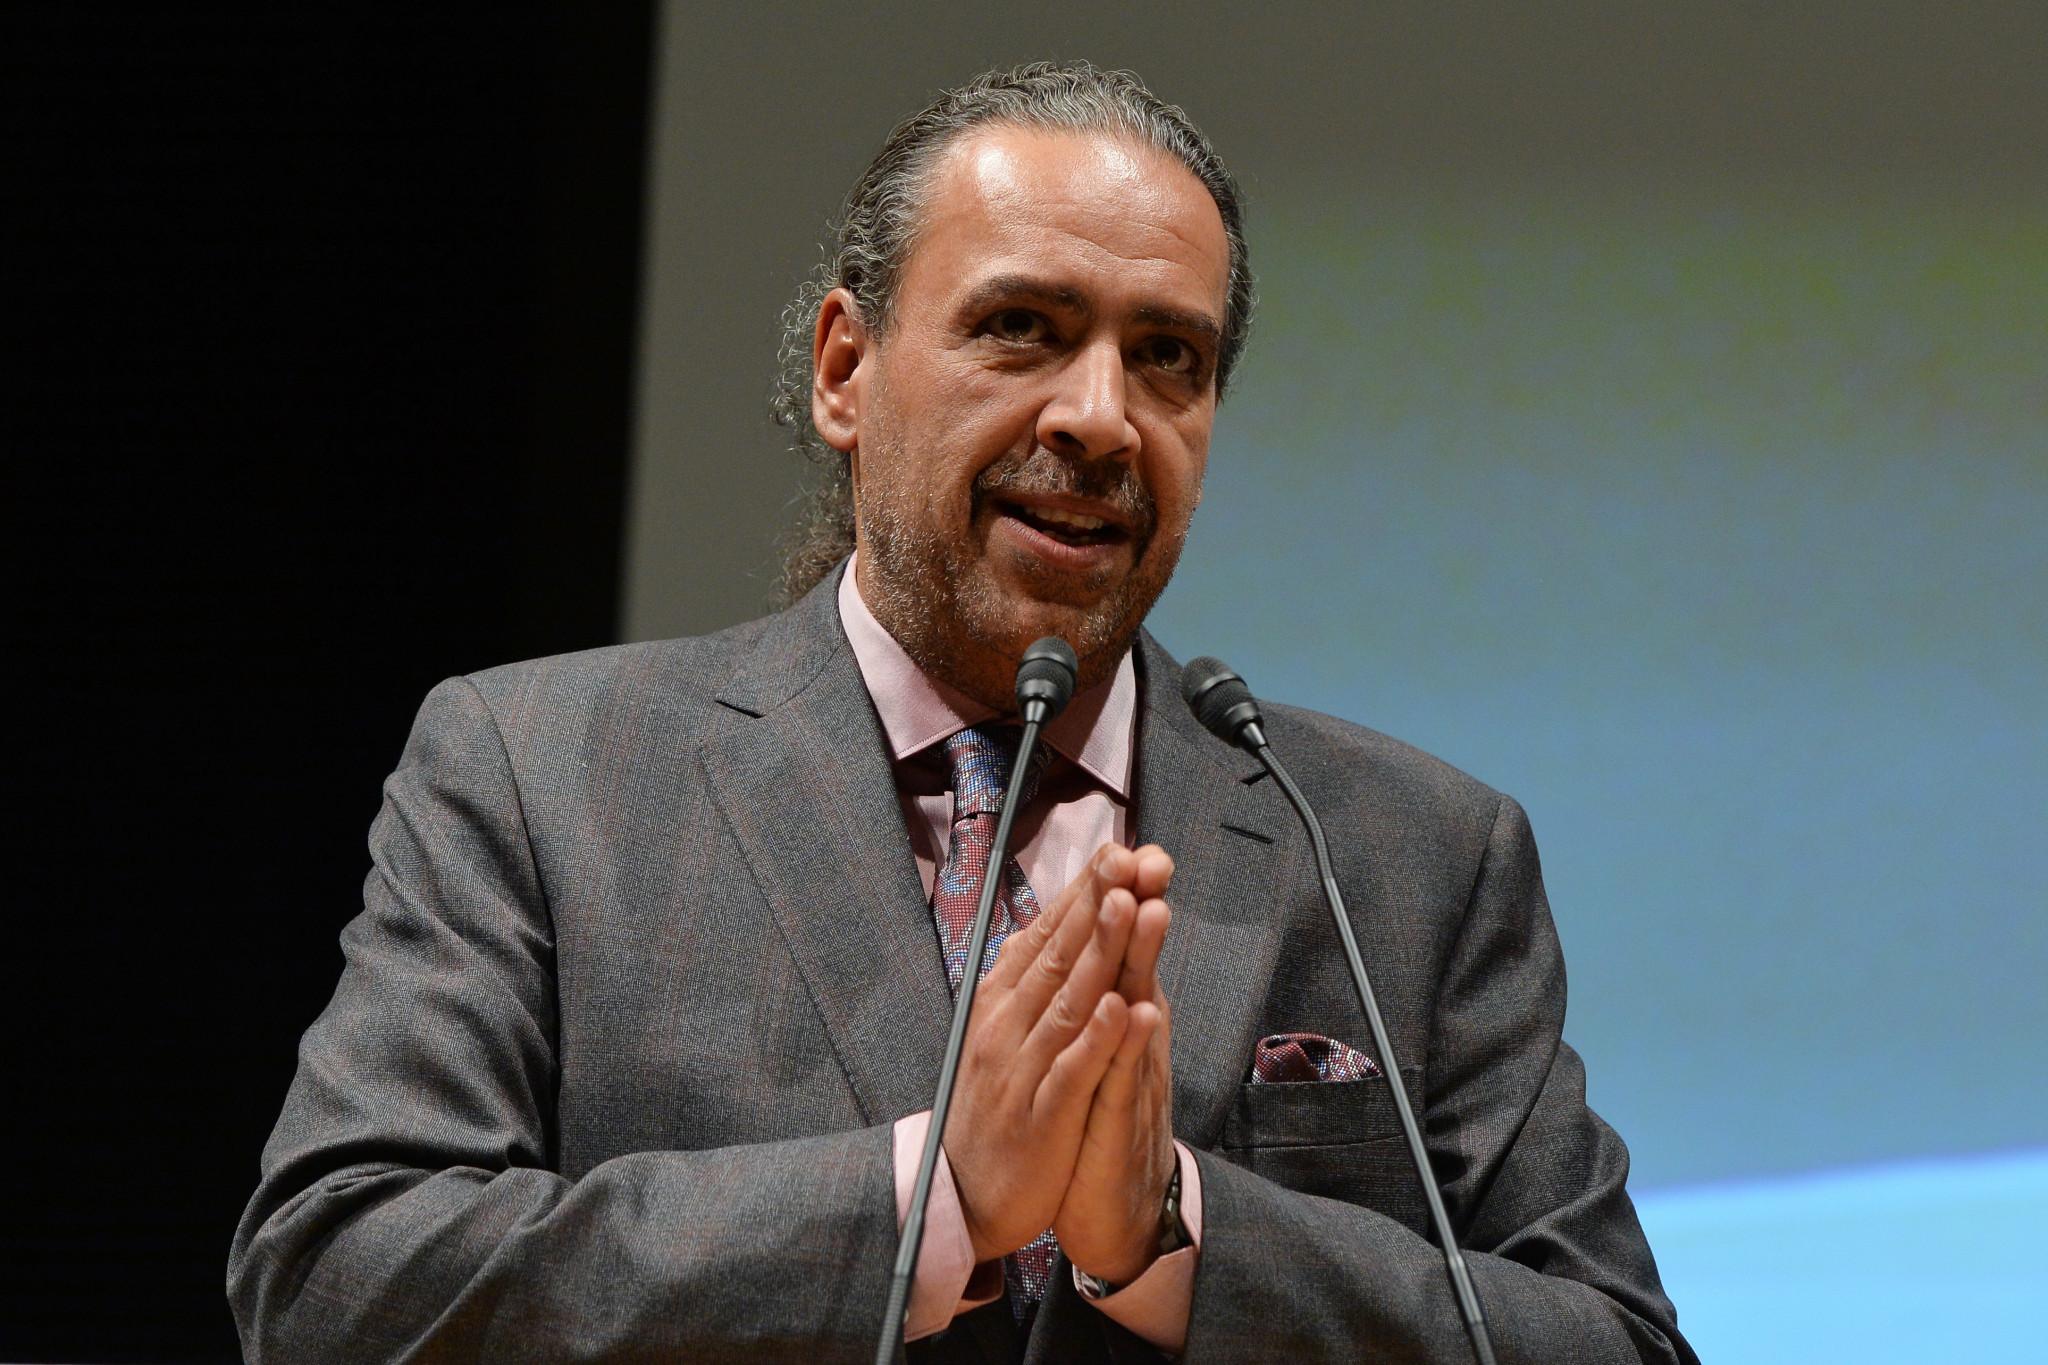 Sheikh Ahmad Al-Fahad Al-Sabah is listed as the